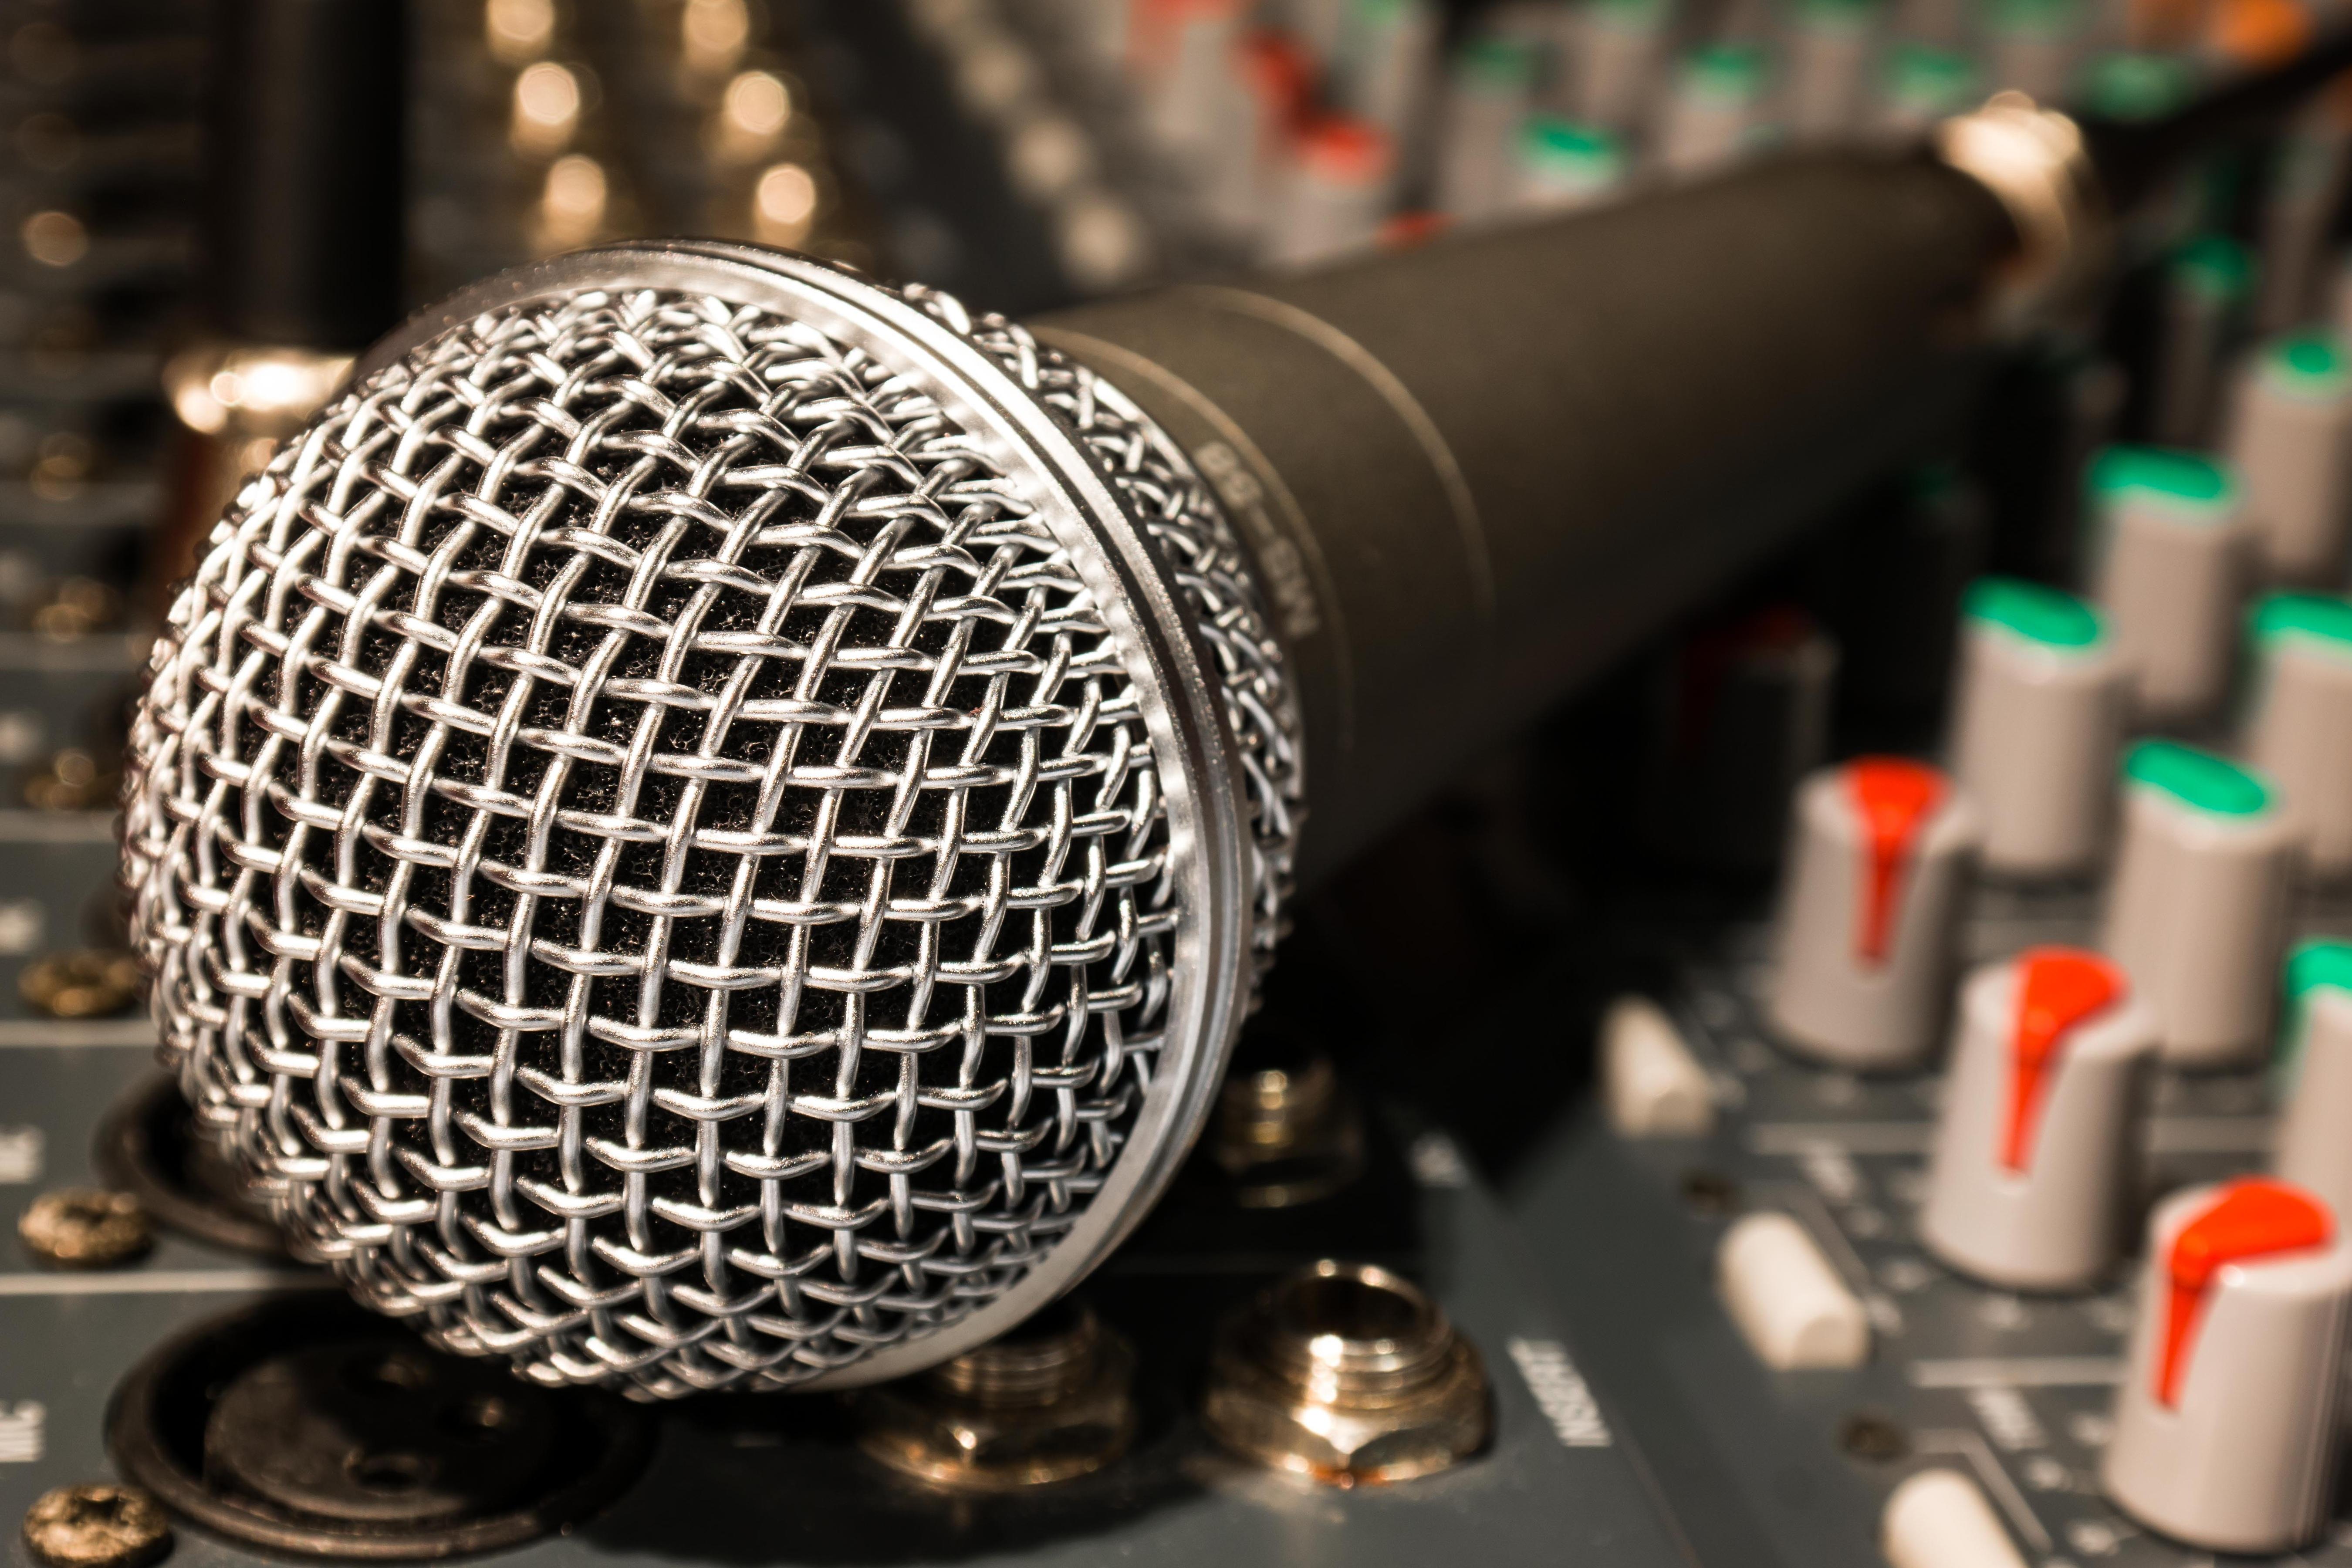 88069 Hintergrundbild herunterladen Musik, Kabel, Rührgerät, Mixer, Mikrofon - Bildschirmschoner und Bilder kostenlos